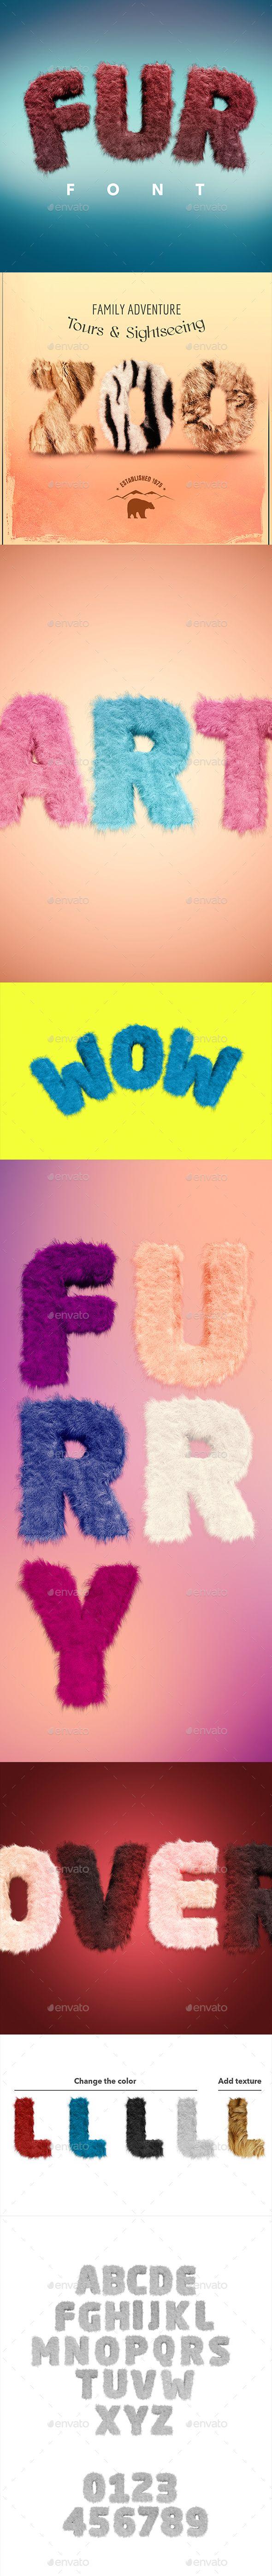 Fur Font — Photoshop PSD #fur texture #font • Download ➝ https://graphicriver.net/item/fur-font/19933226?ref=pxcr